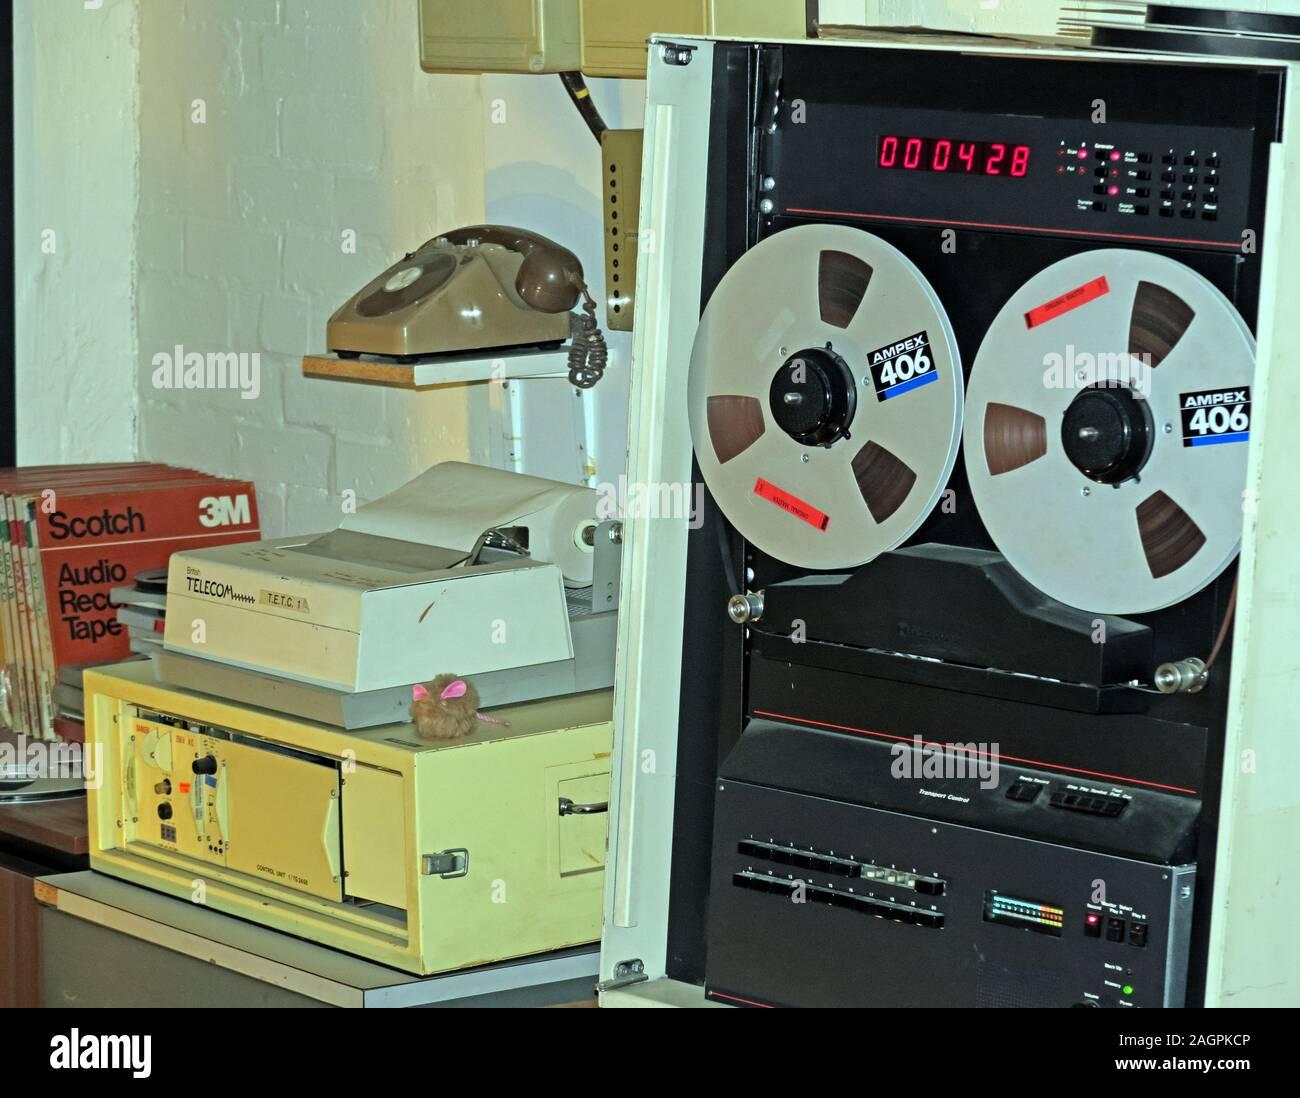 Dieses Stockfoto: Telekommunikationsaufzeichnungsgeräte, 1980er Jahre, geheimer Atombunker, Nantwich, Cheshire, England, Großbritannien - 2AGPKC